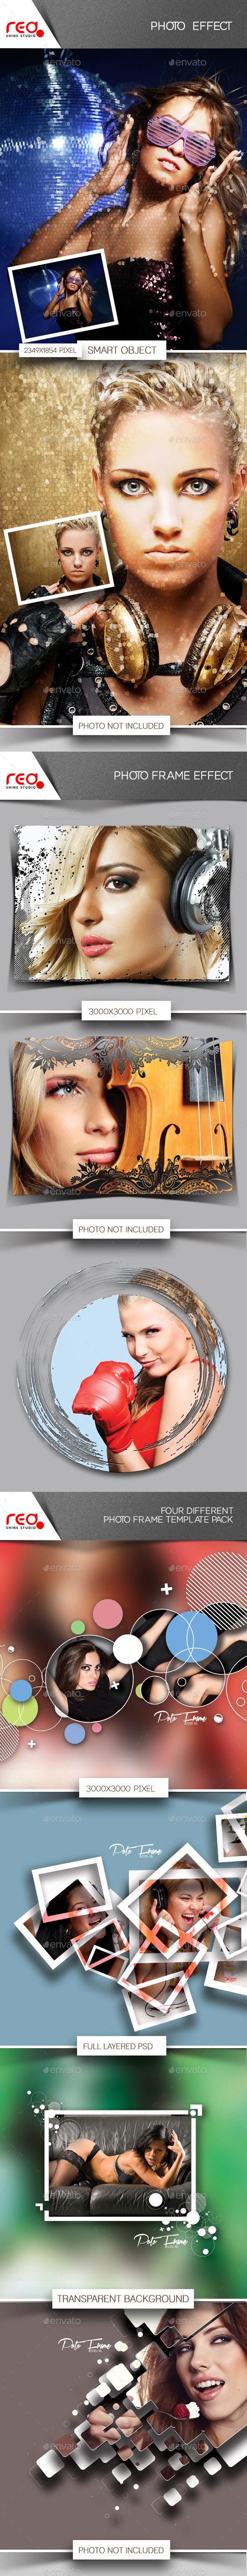 GraphicRiver Photo Frame Templates Vol 5 11421136